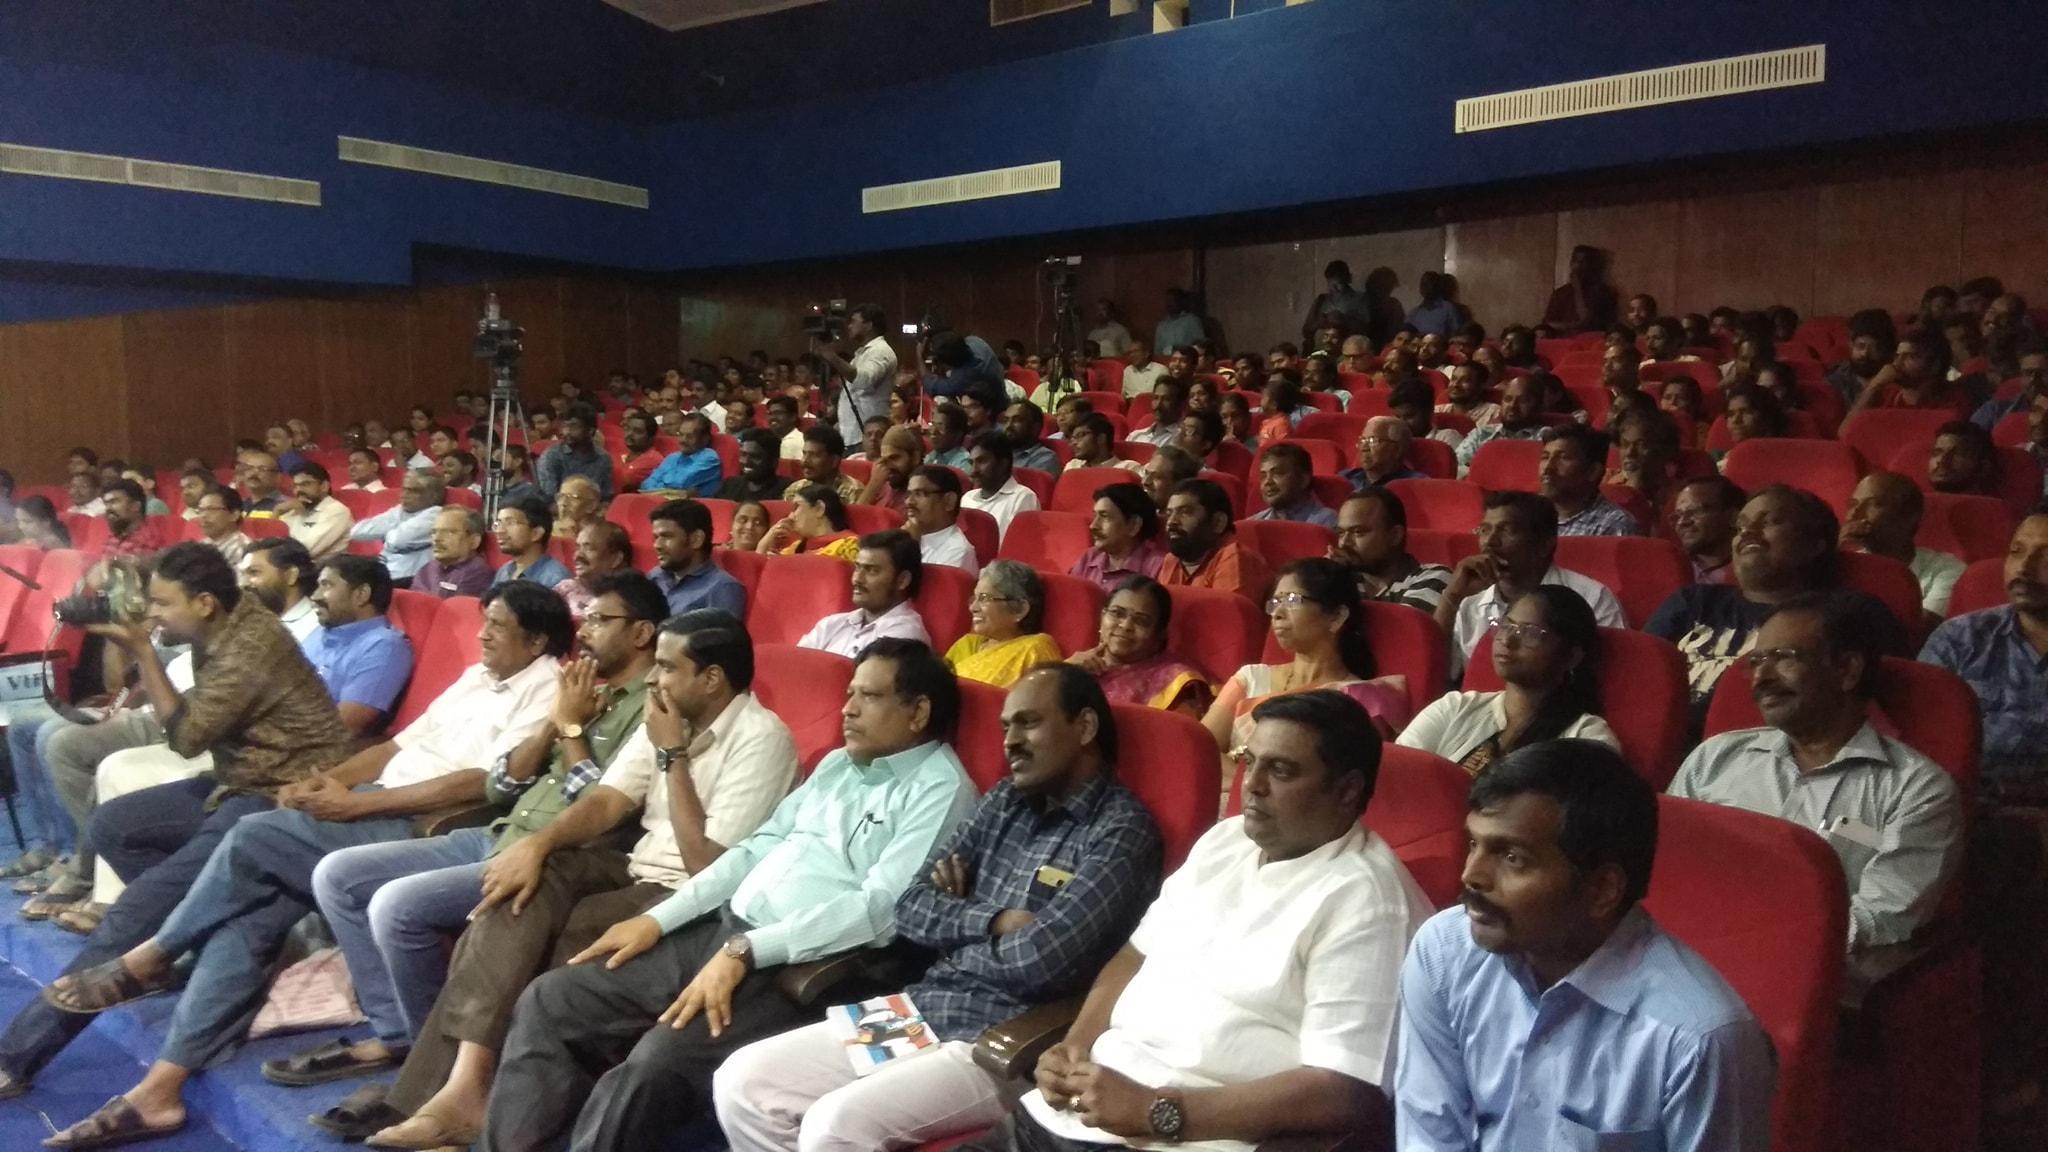 பாராட்டு விழாவில் கலந்து கொண்டோர். எஸ்.ராமகிருஷ்ணன்